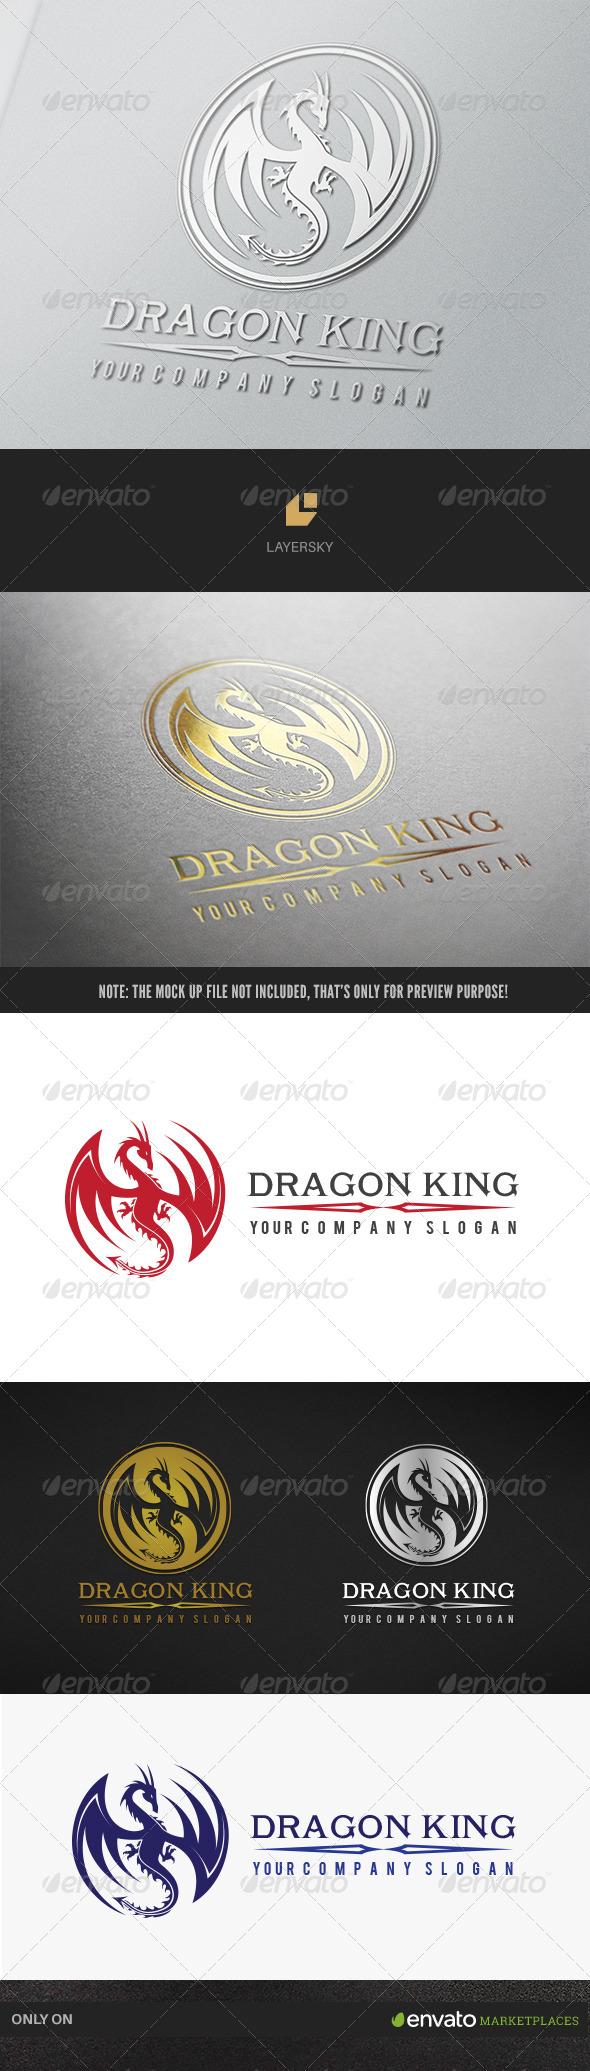 GraphicRiver Dragon King 7784262